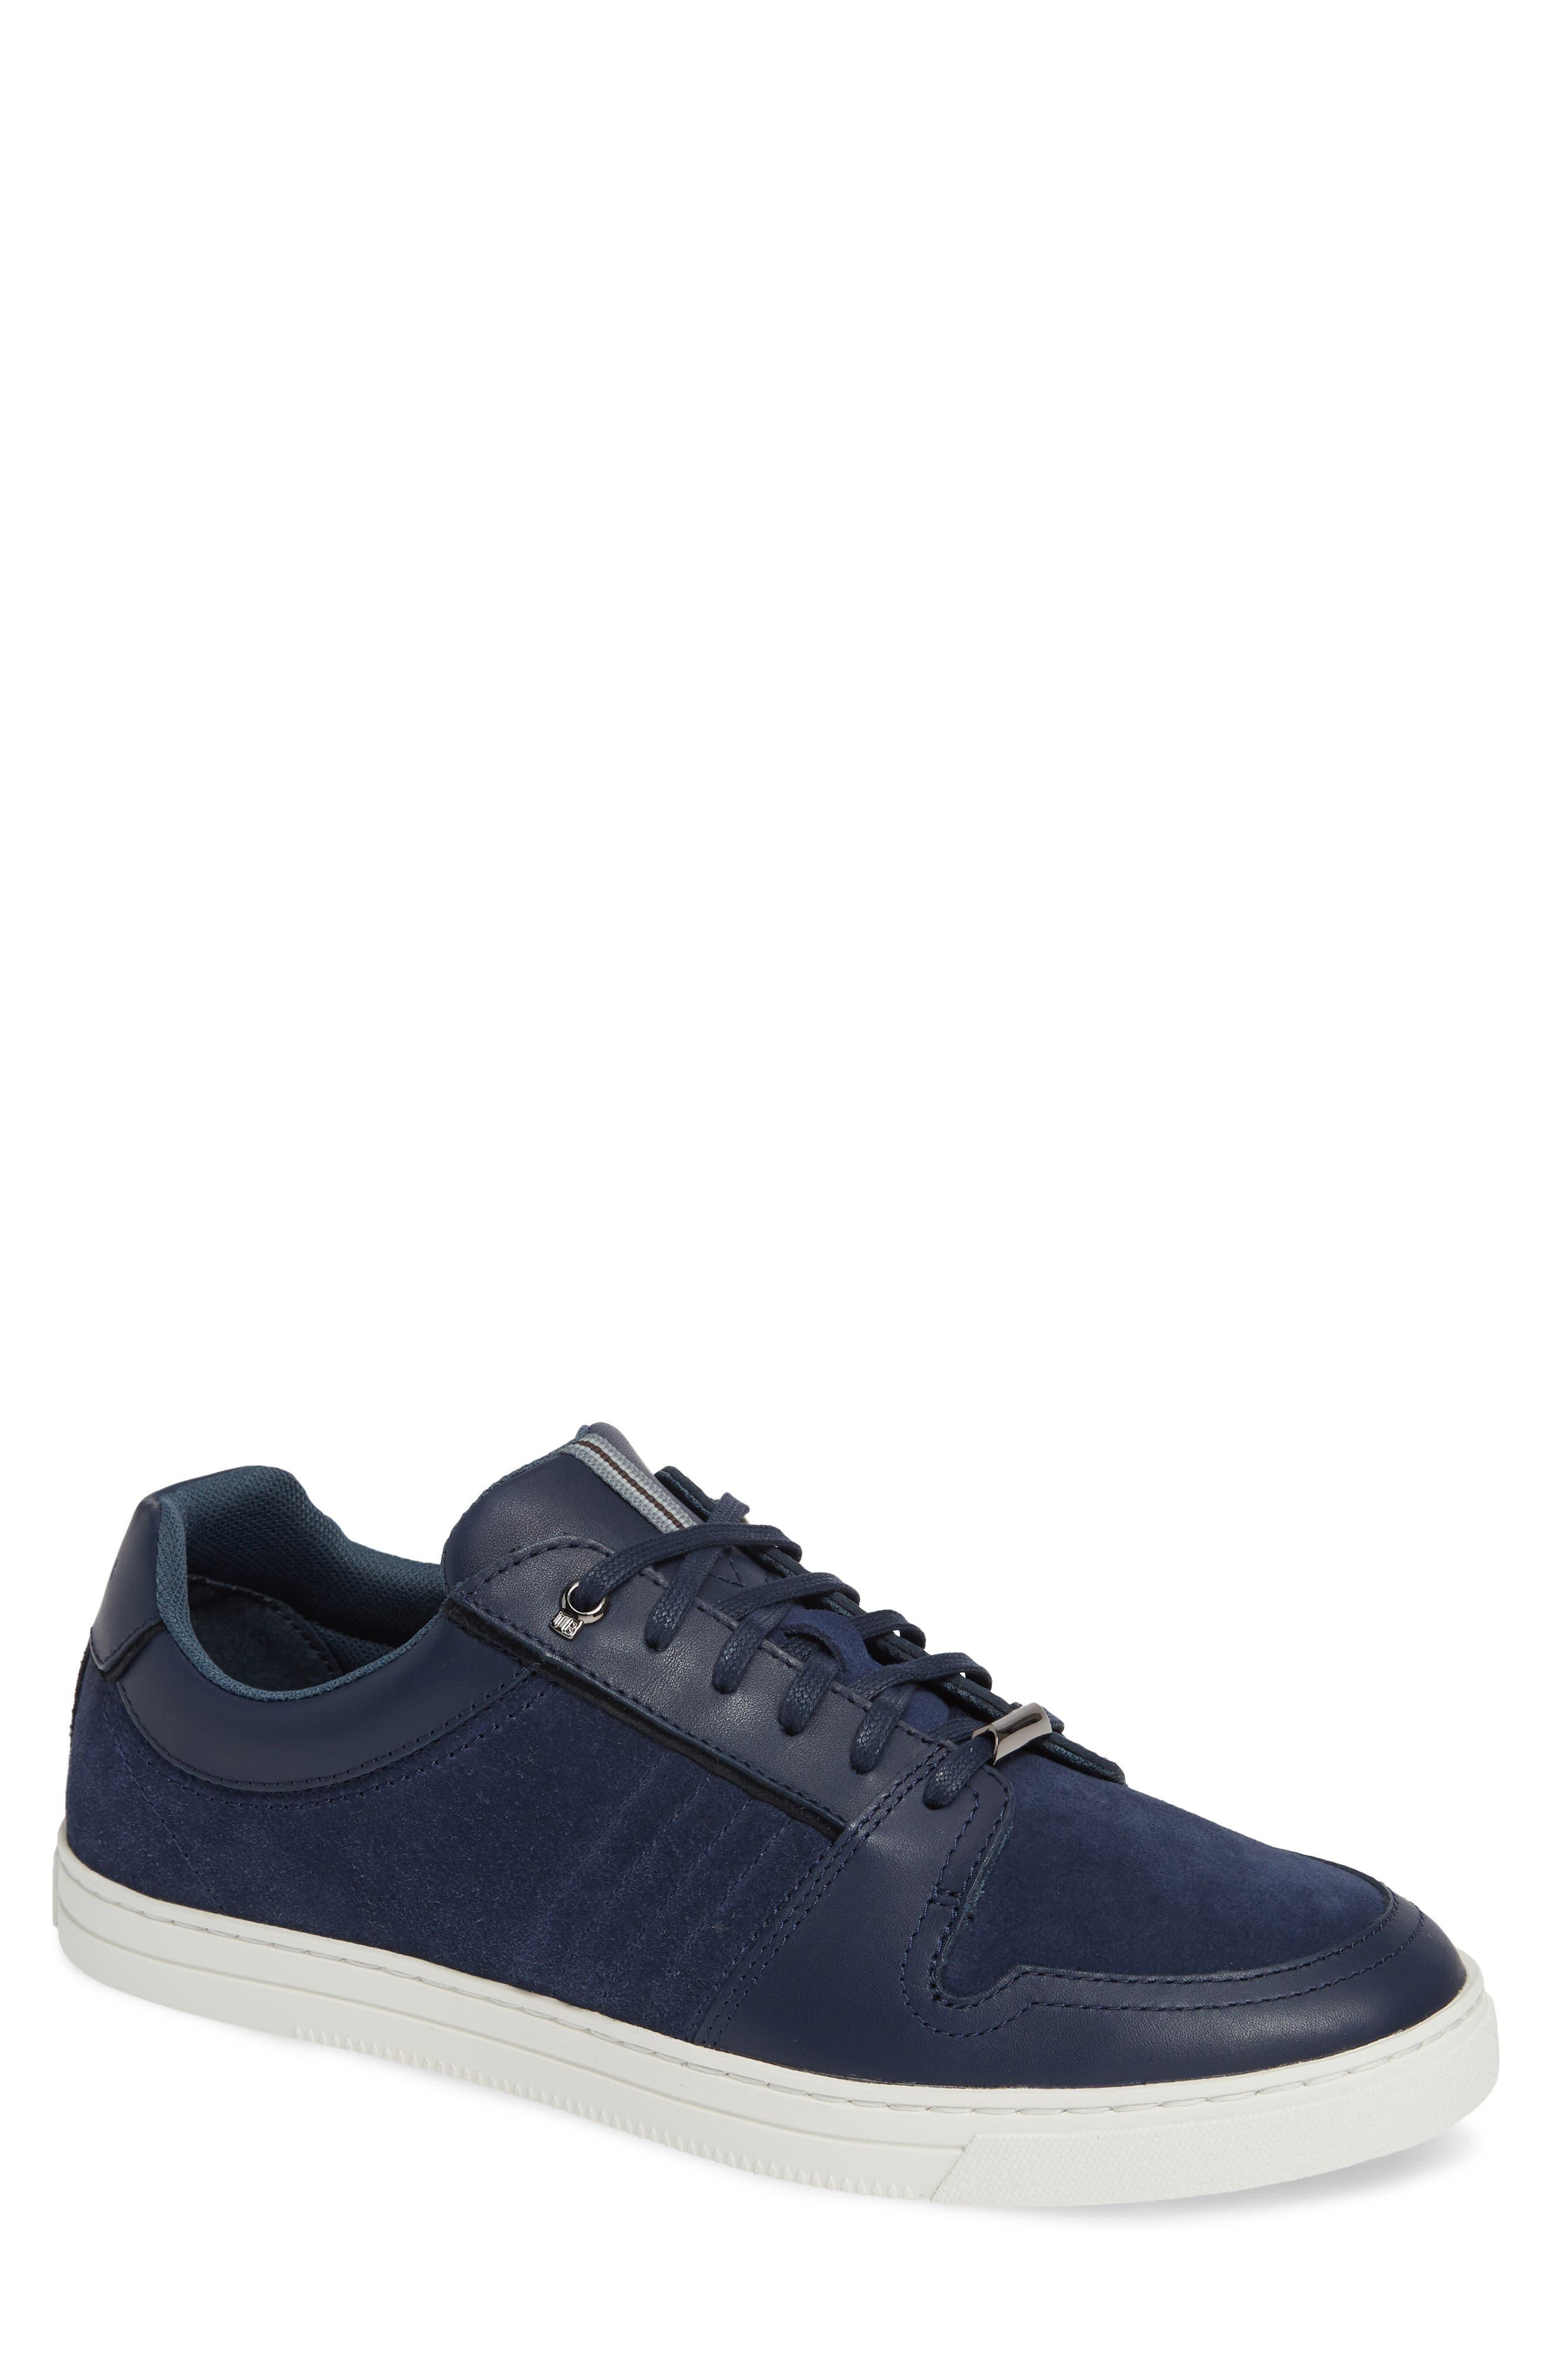 Ted Baker London Kalhan Sneaker, Blue